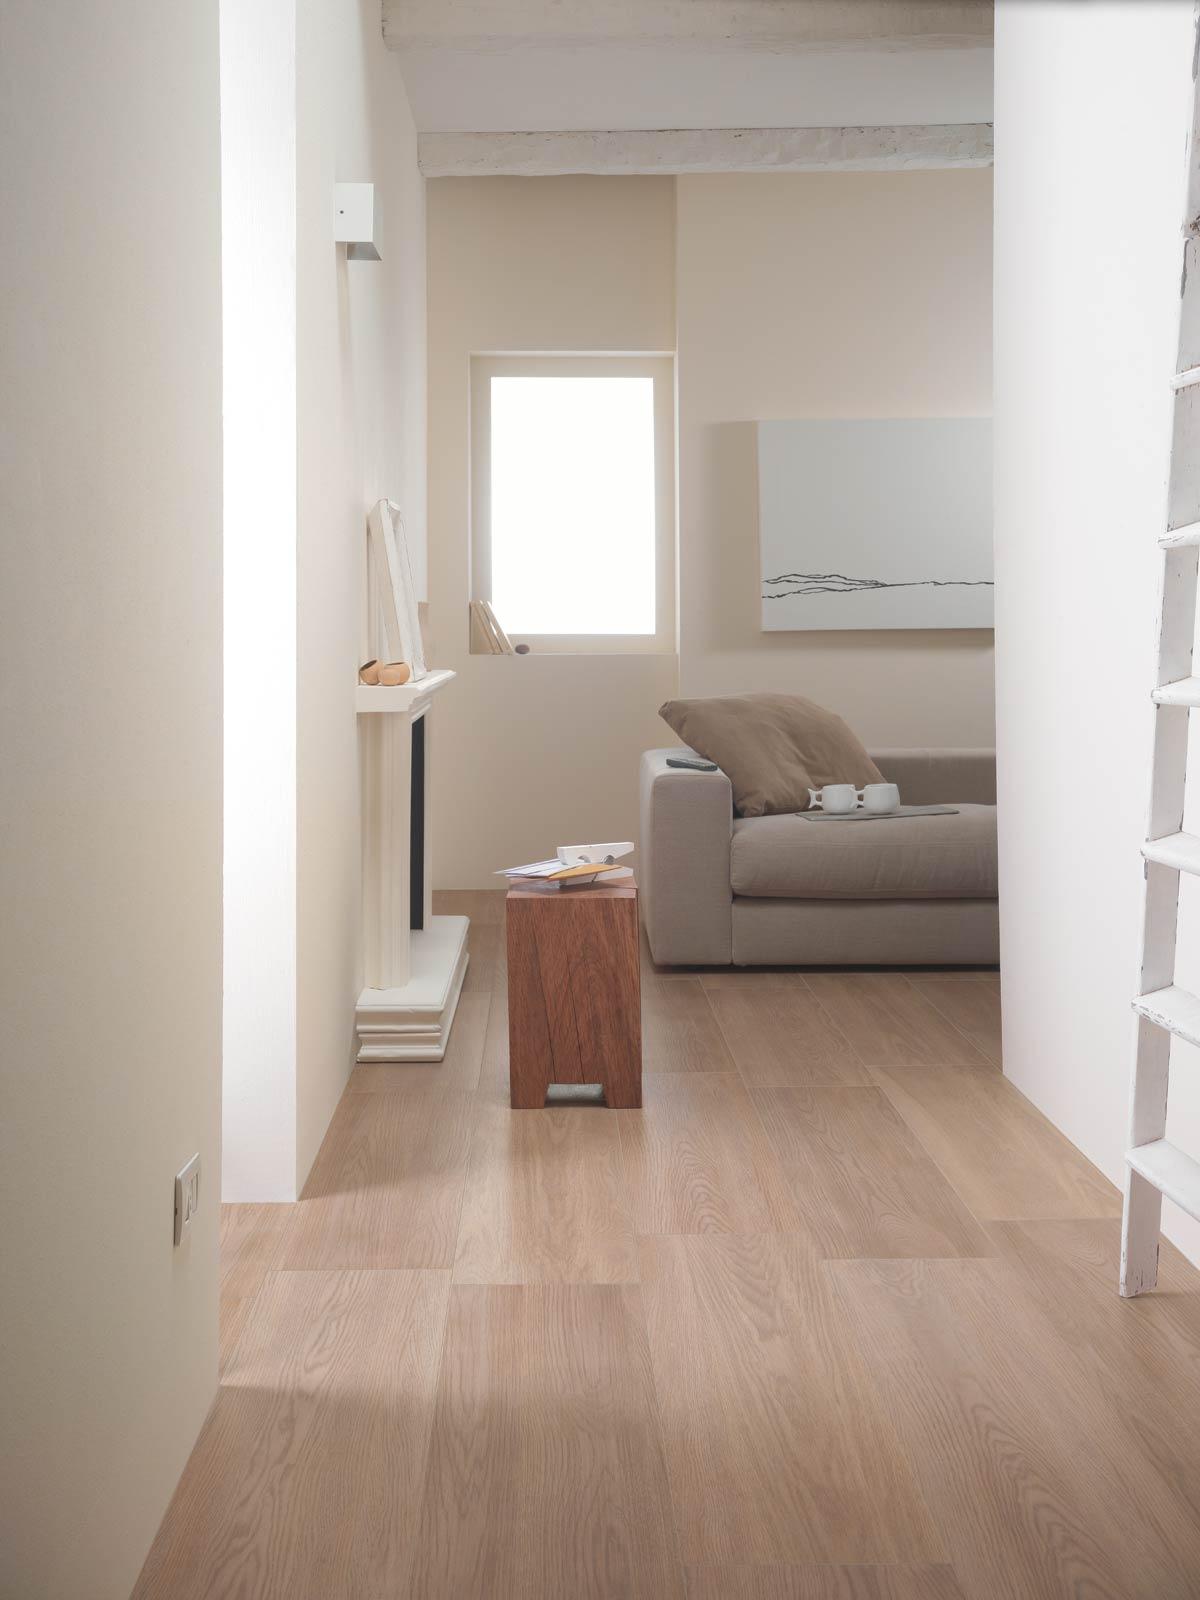 Treverk gres fine porcellanato effetto legno marazzi - Piastrelle gres porcellanato effetto legno prezzi ...